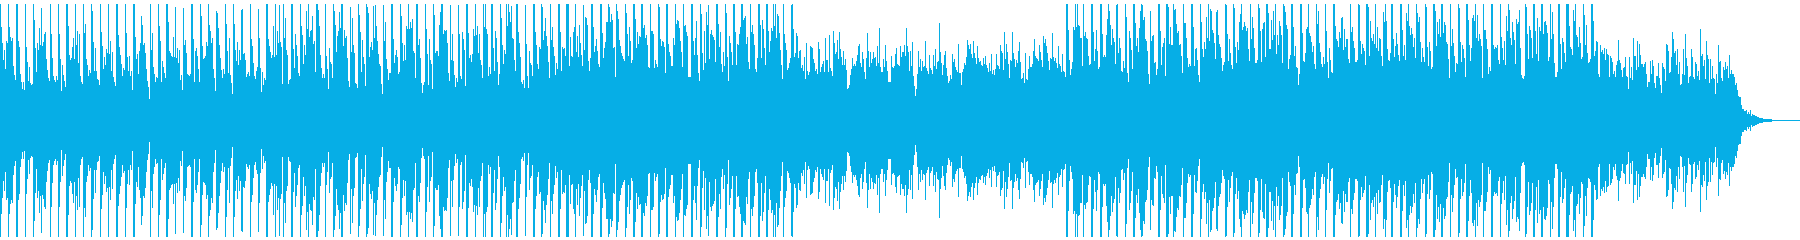 アンビエントミュージック 未来の技...の再生済みの波形